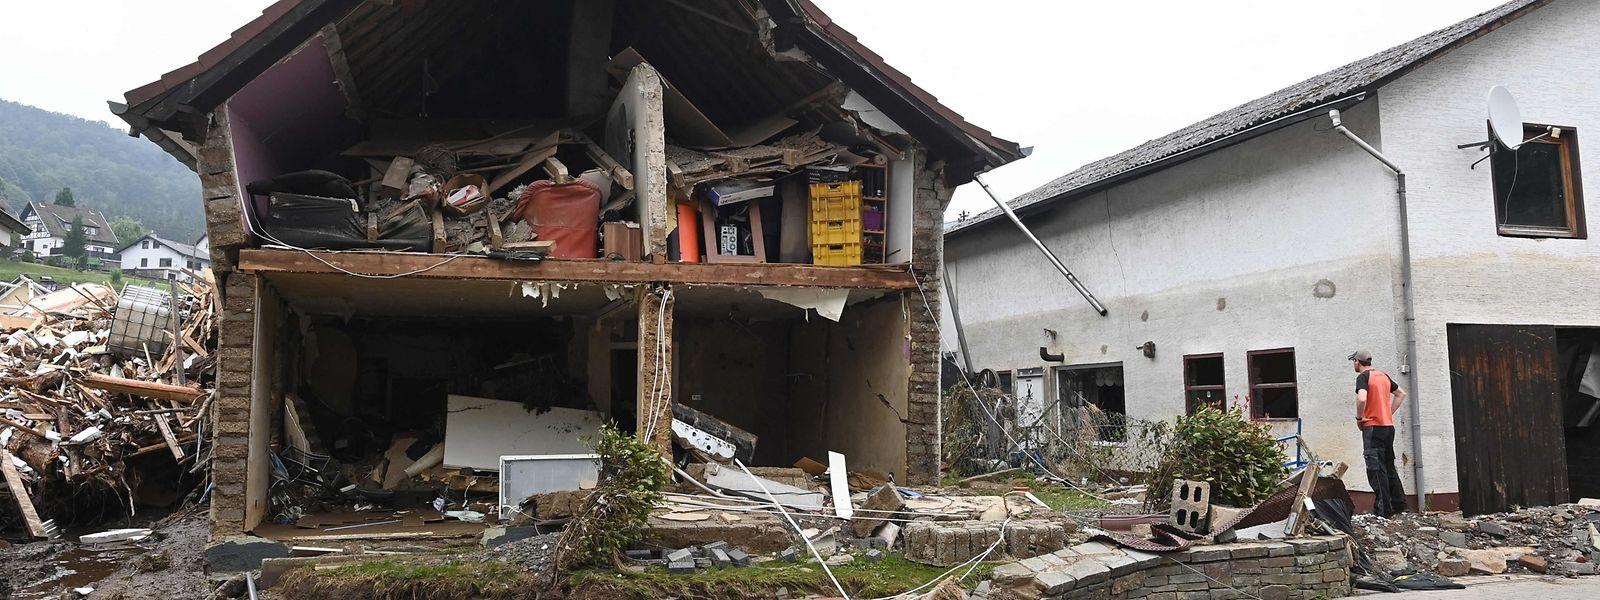 Ein zerstörtes Haus in Schuld (Rheinland-Pfalz).